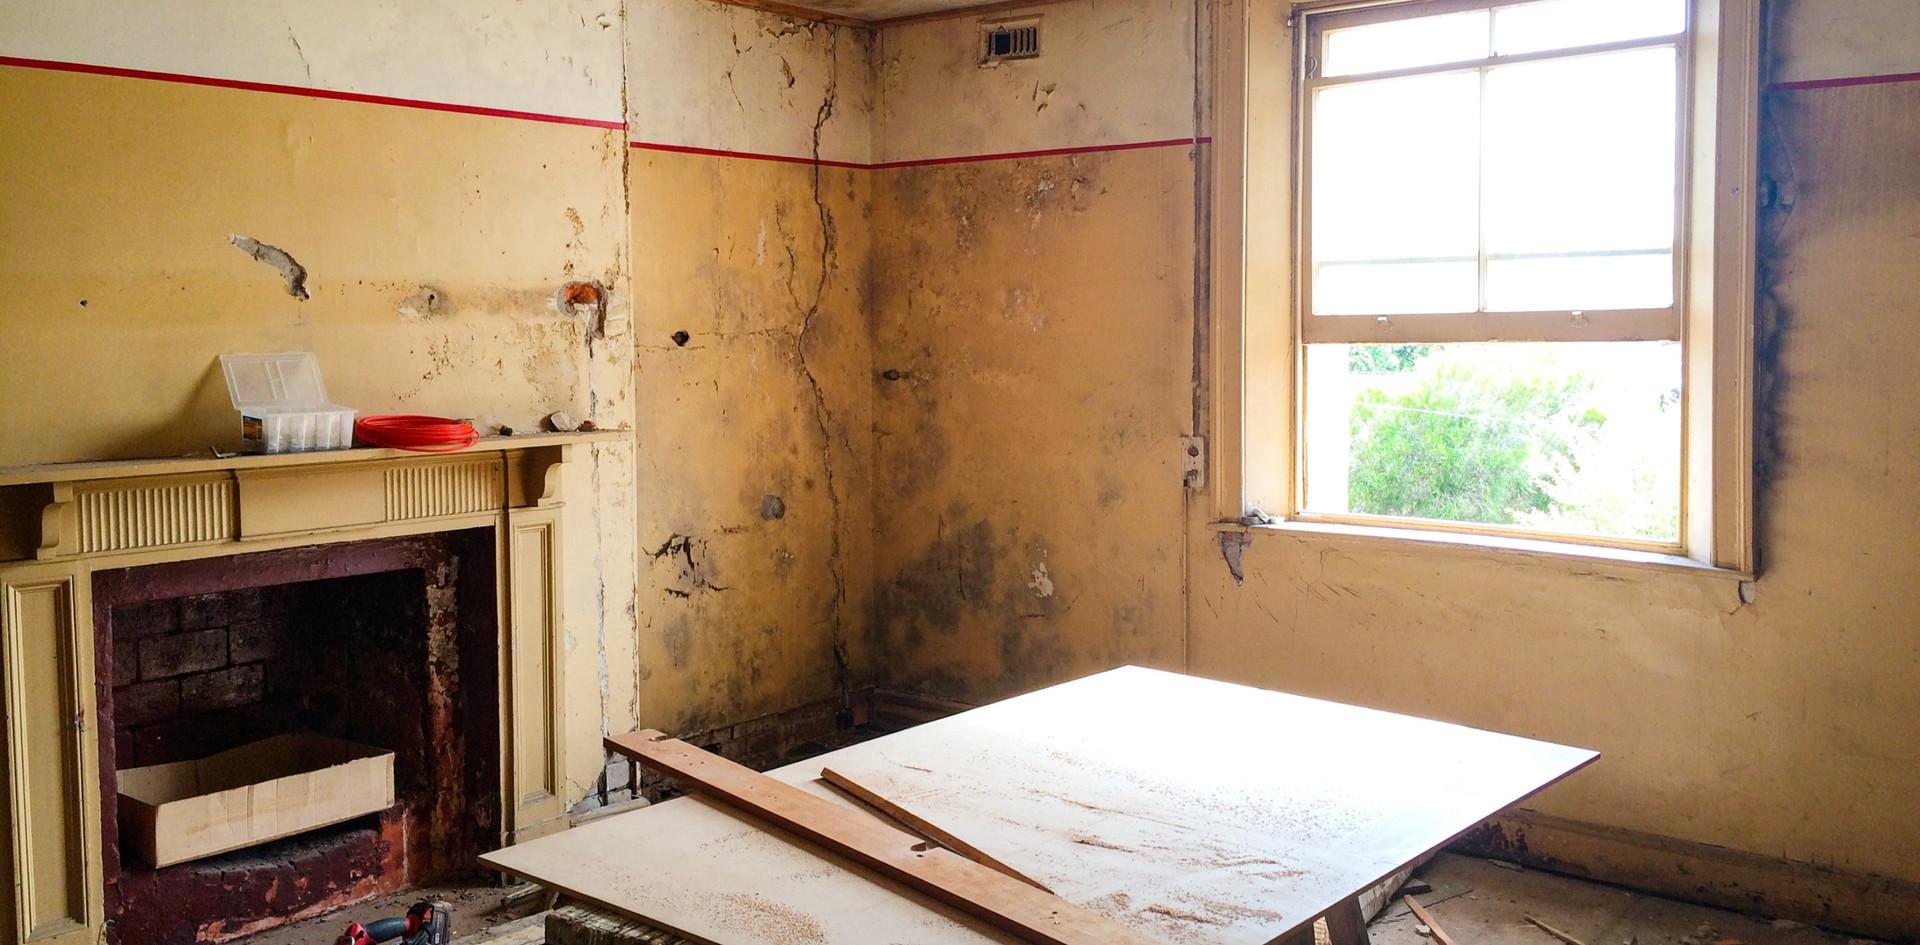 Jami's office pre-renovation 2